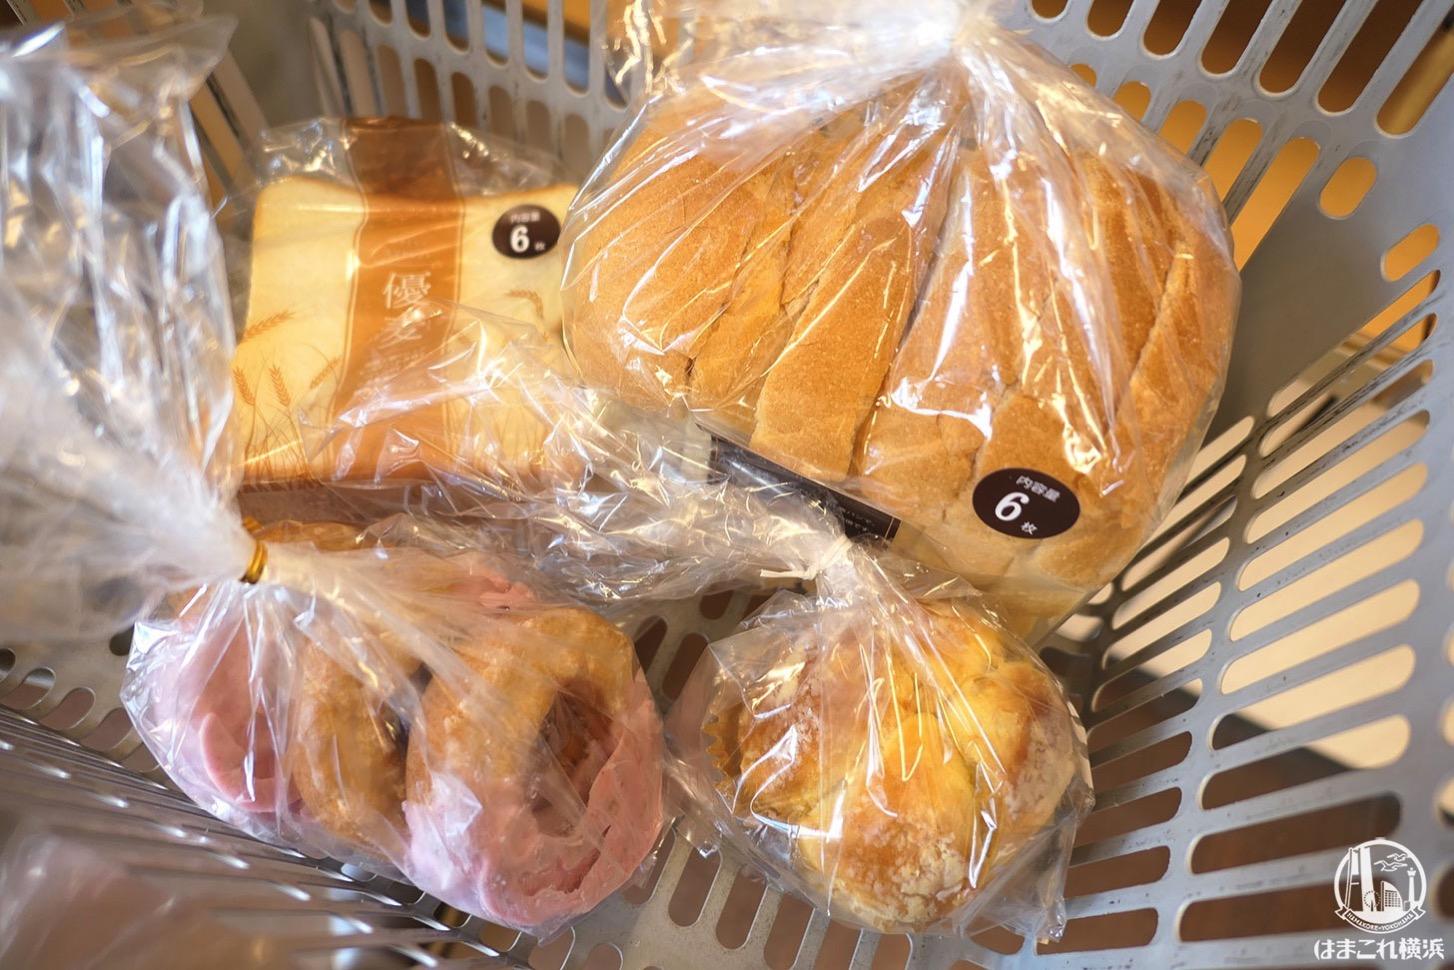 アウトレット購入したパン